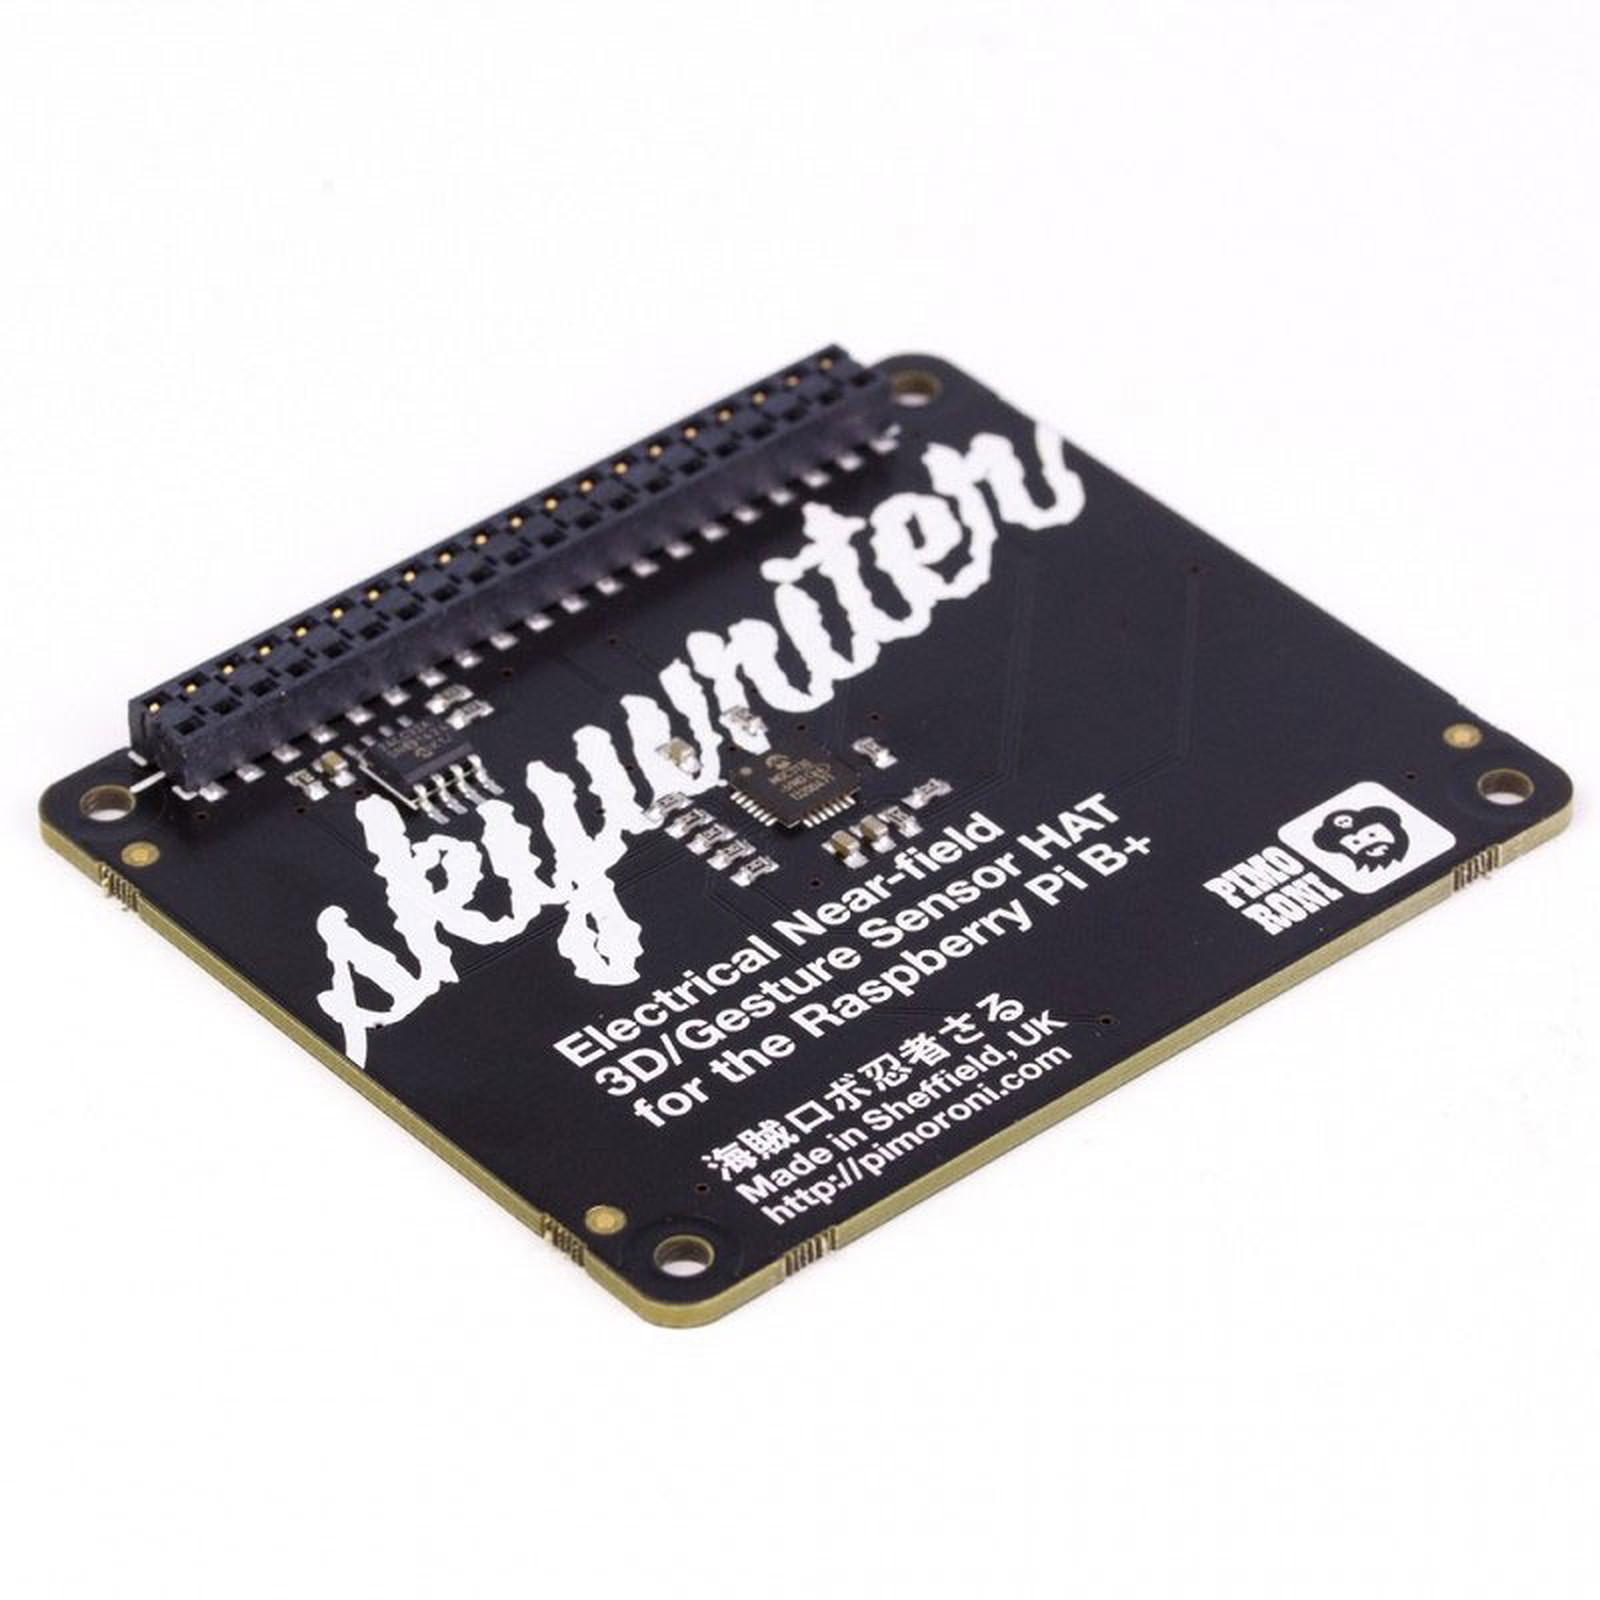 Pimoroni Skywriter HAT